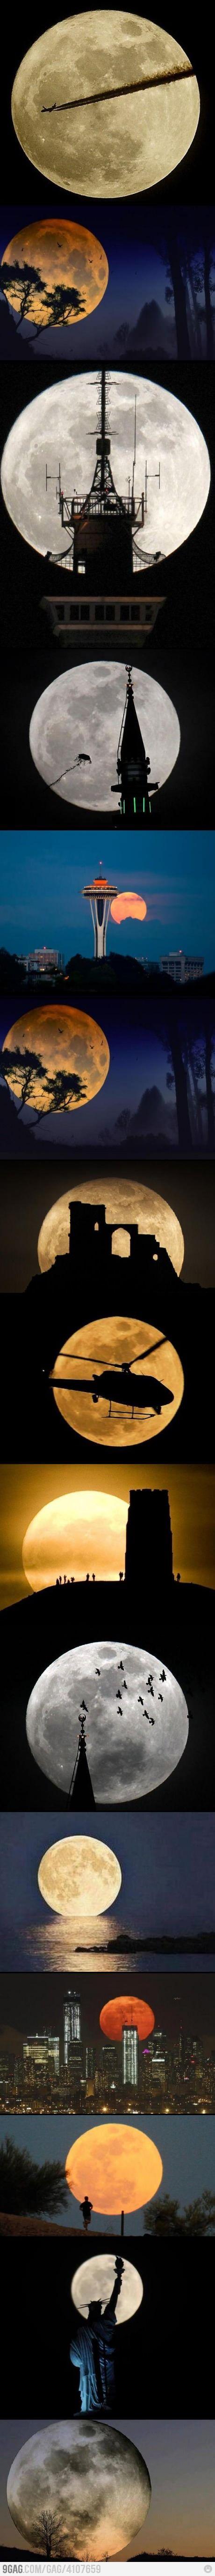 super moon - 5th May 2012